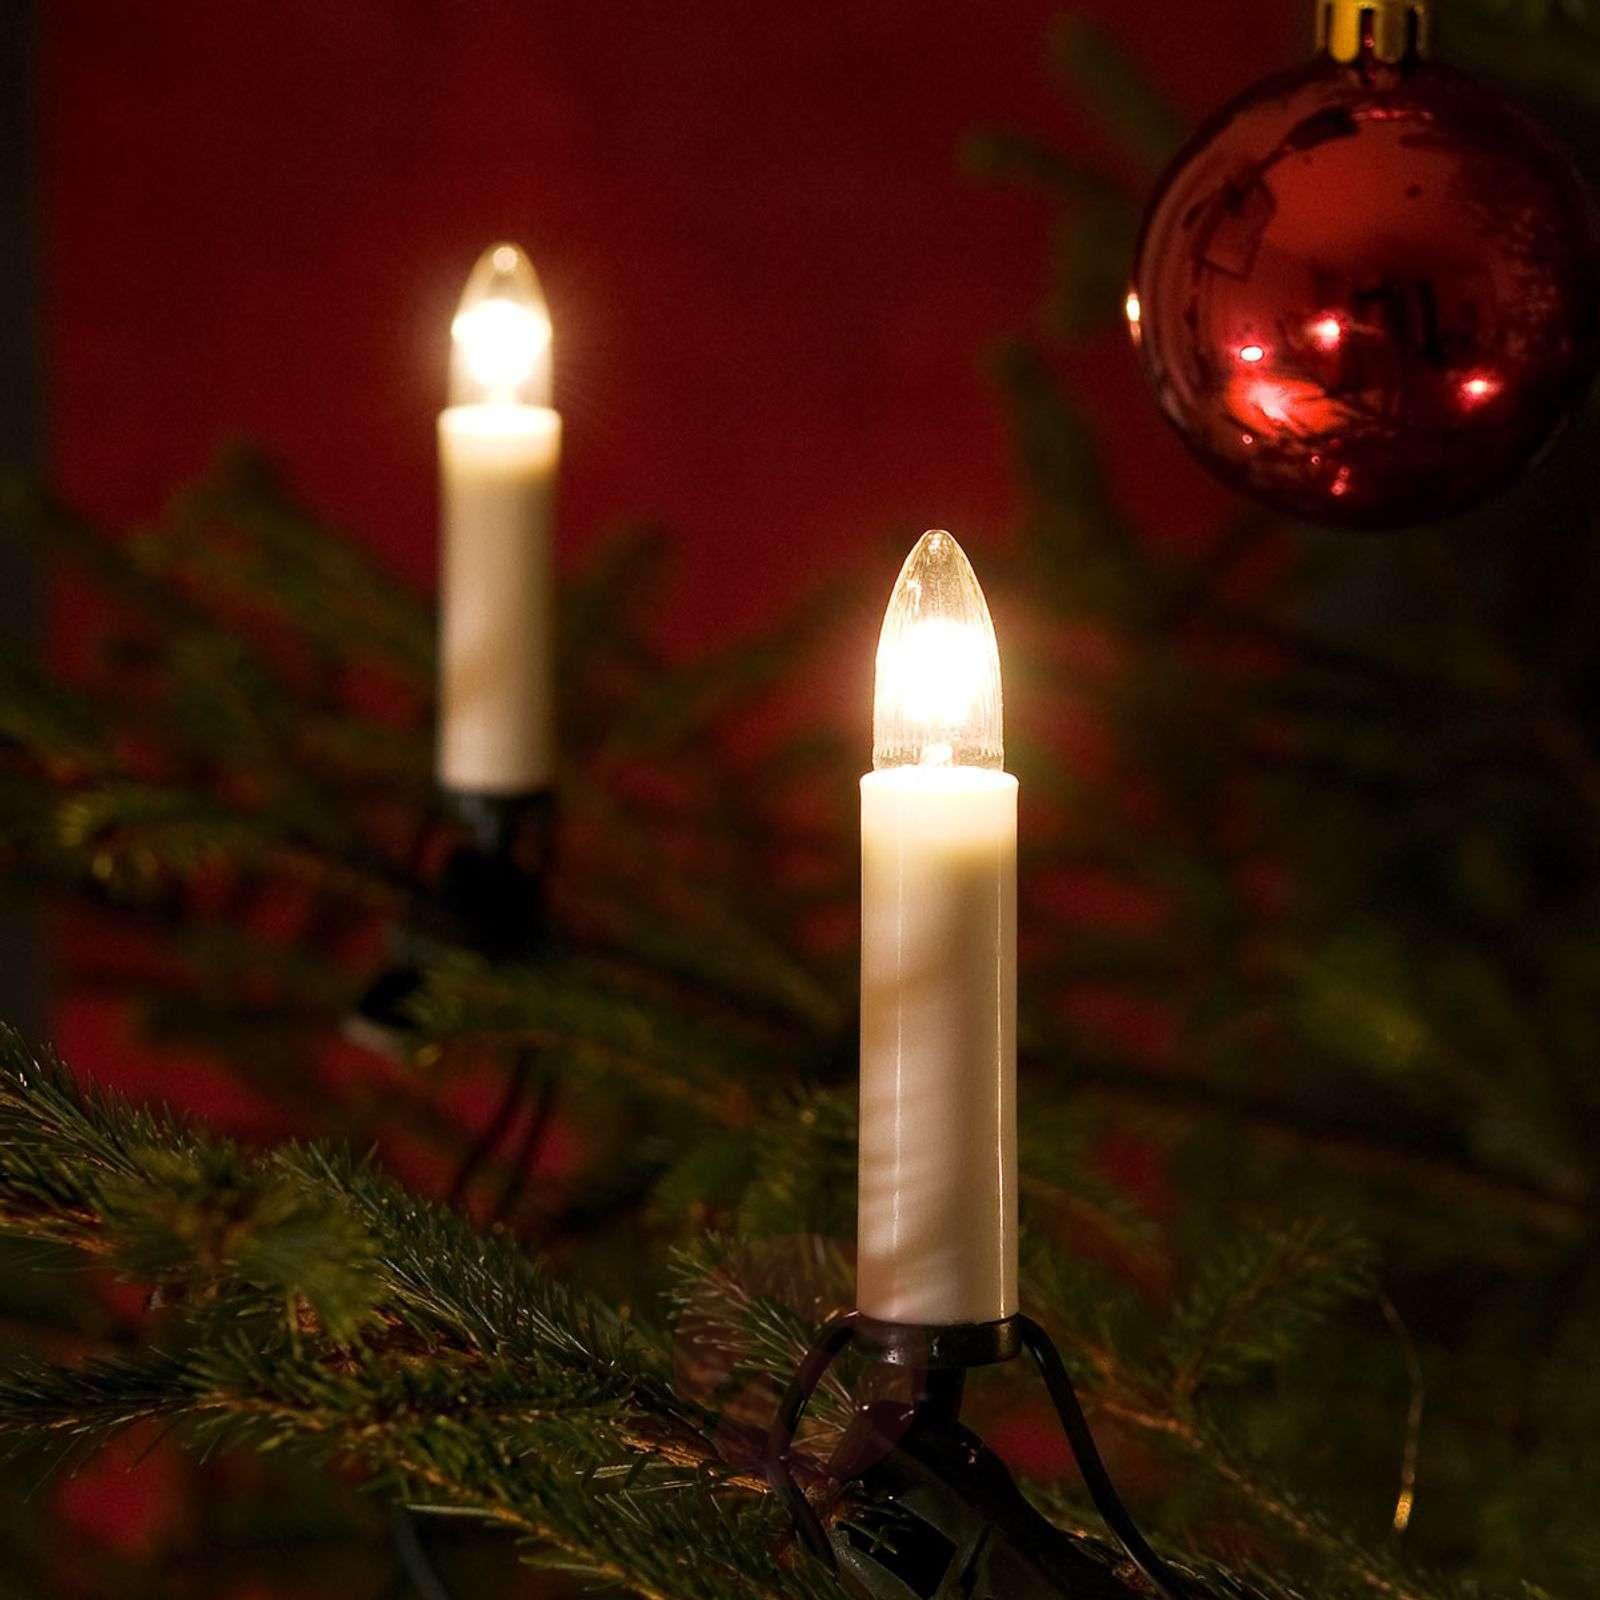 25lampun kuusenketju kynttilälamput sisälle 18,3m-5524156-01